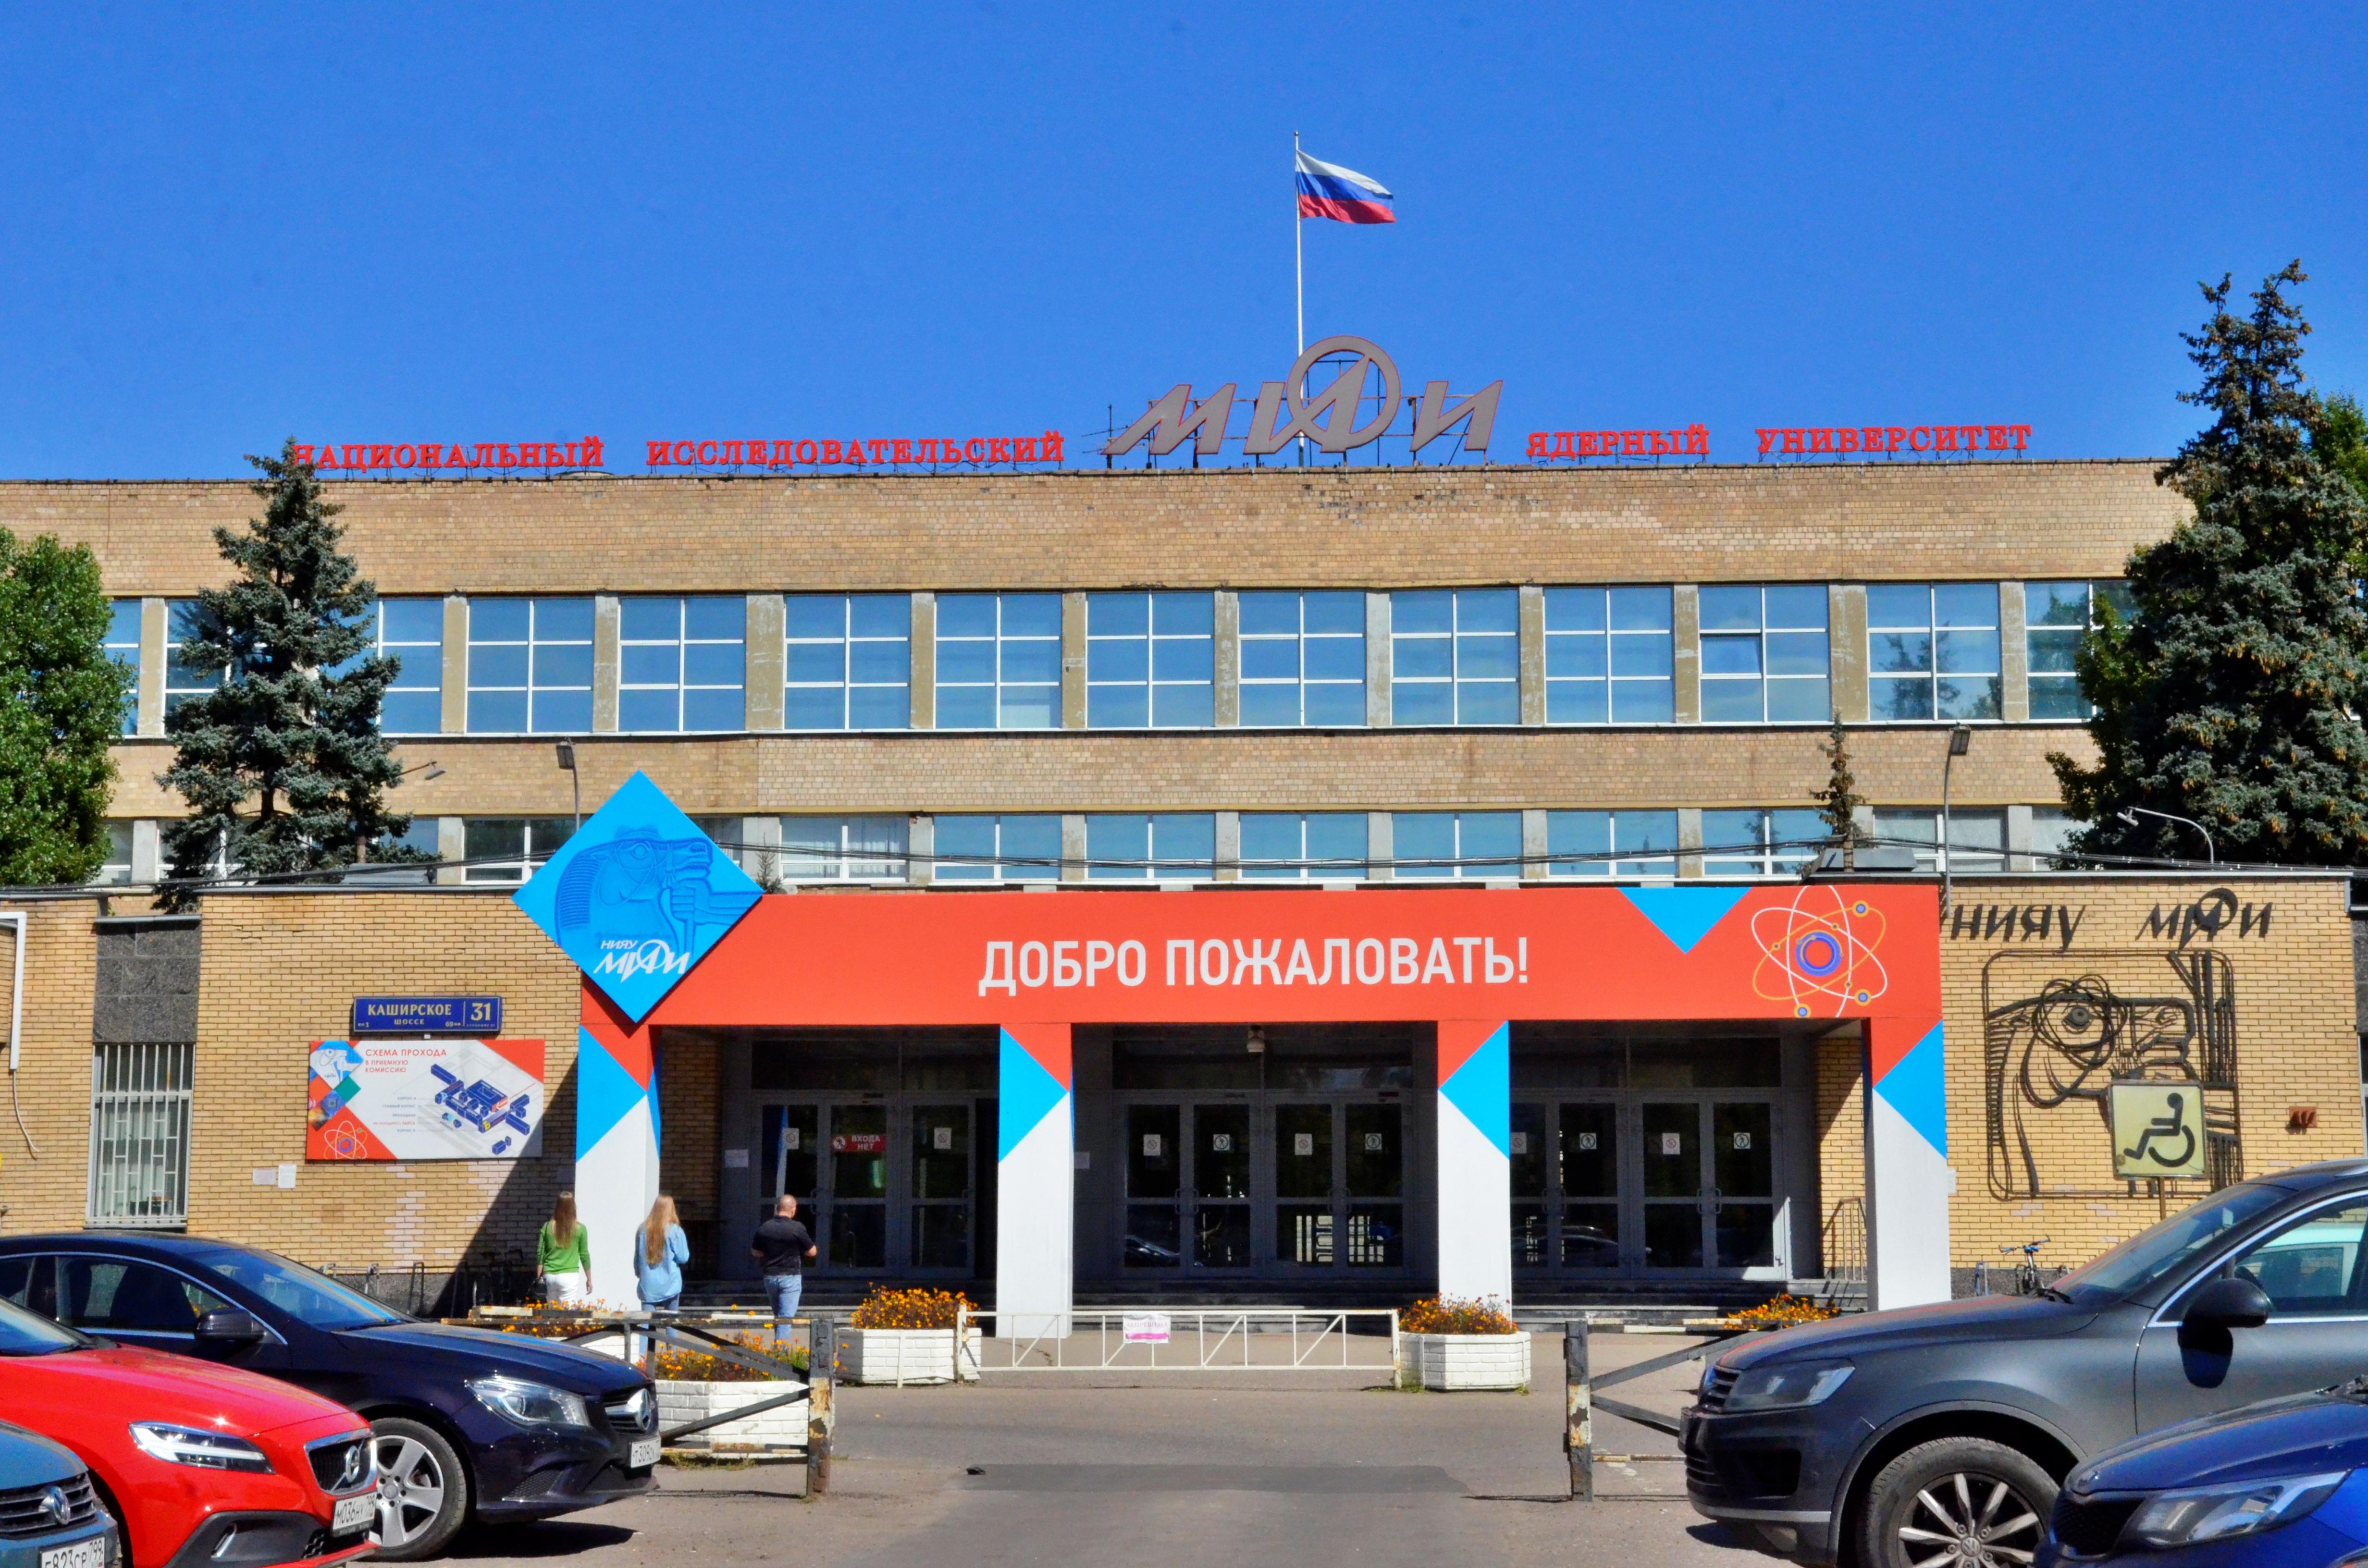 Преподаватель НИЯУ МИФИ присоединился к проекту «Атомная Москва глазами инженера»